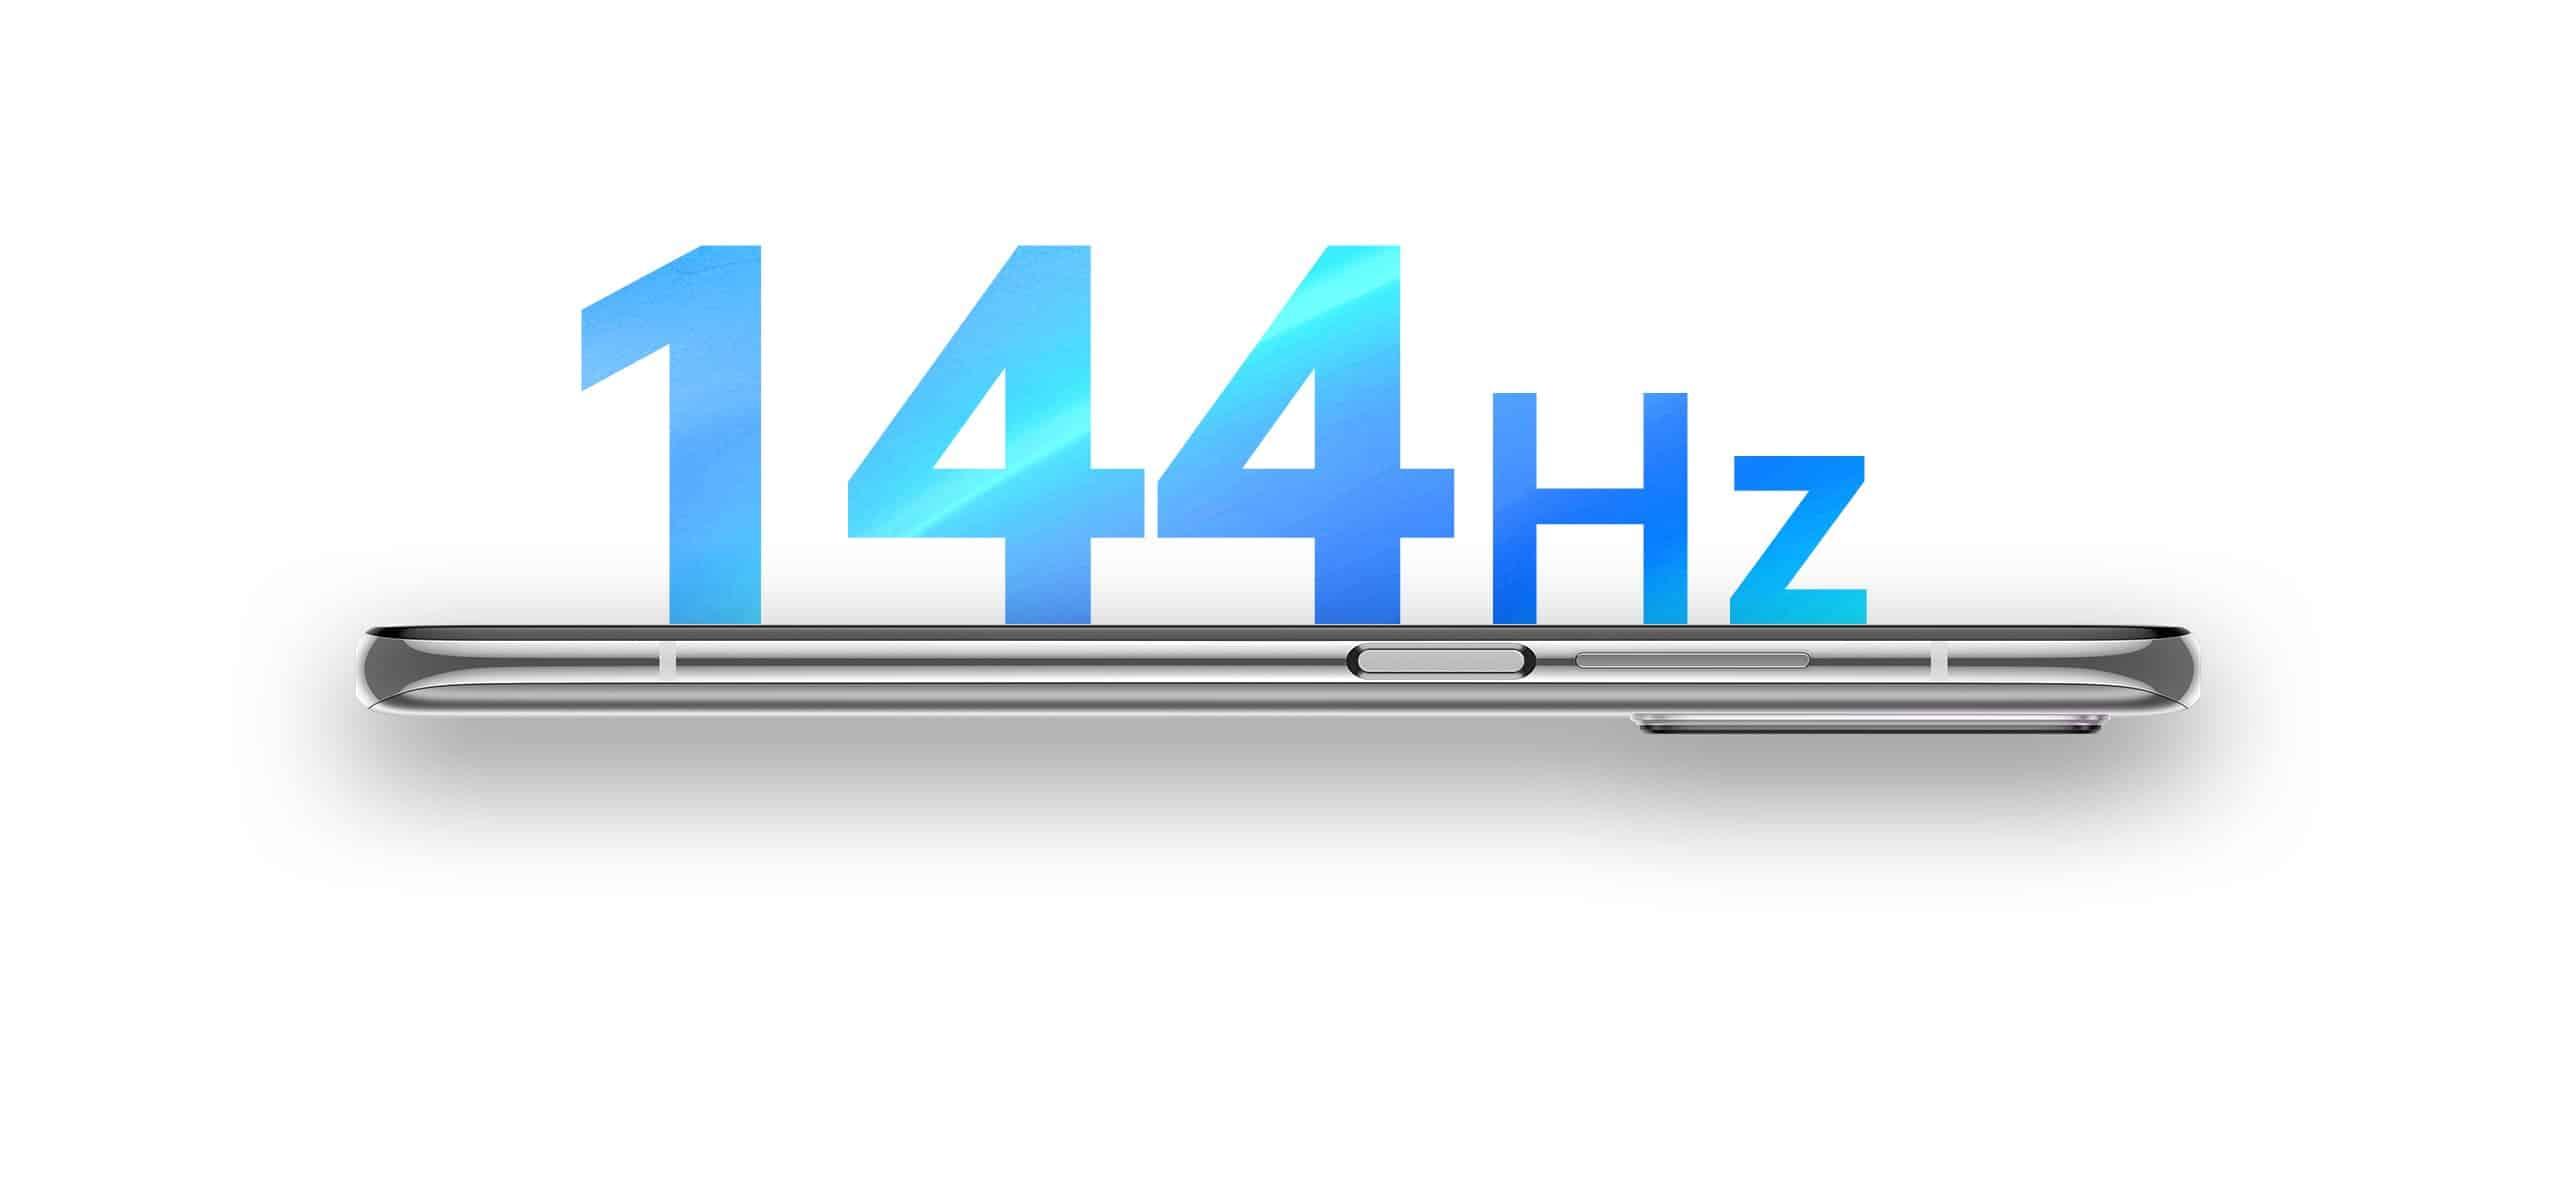 Xiaomi Mi 10T Pro 5G 144Hz osveževanjem in resolucijo FHD+.